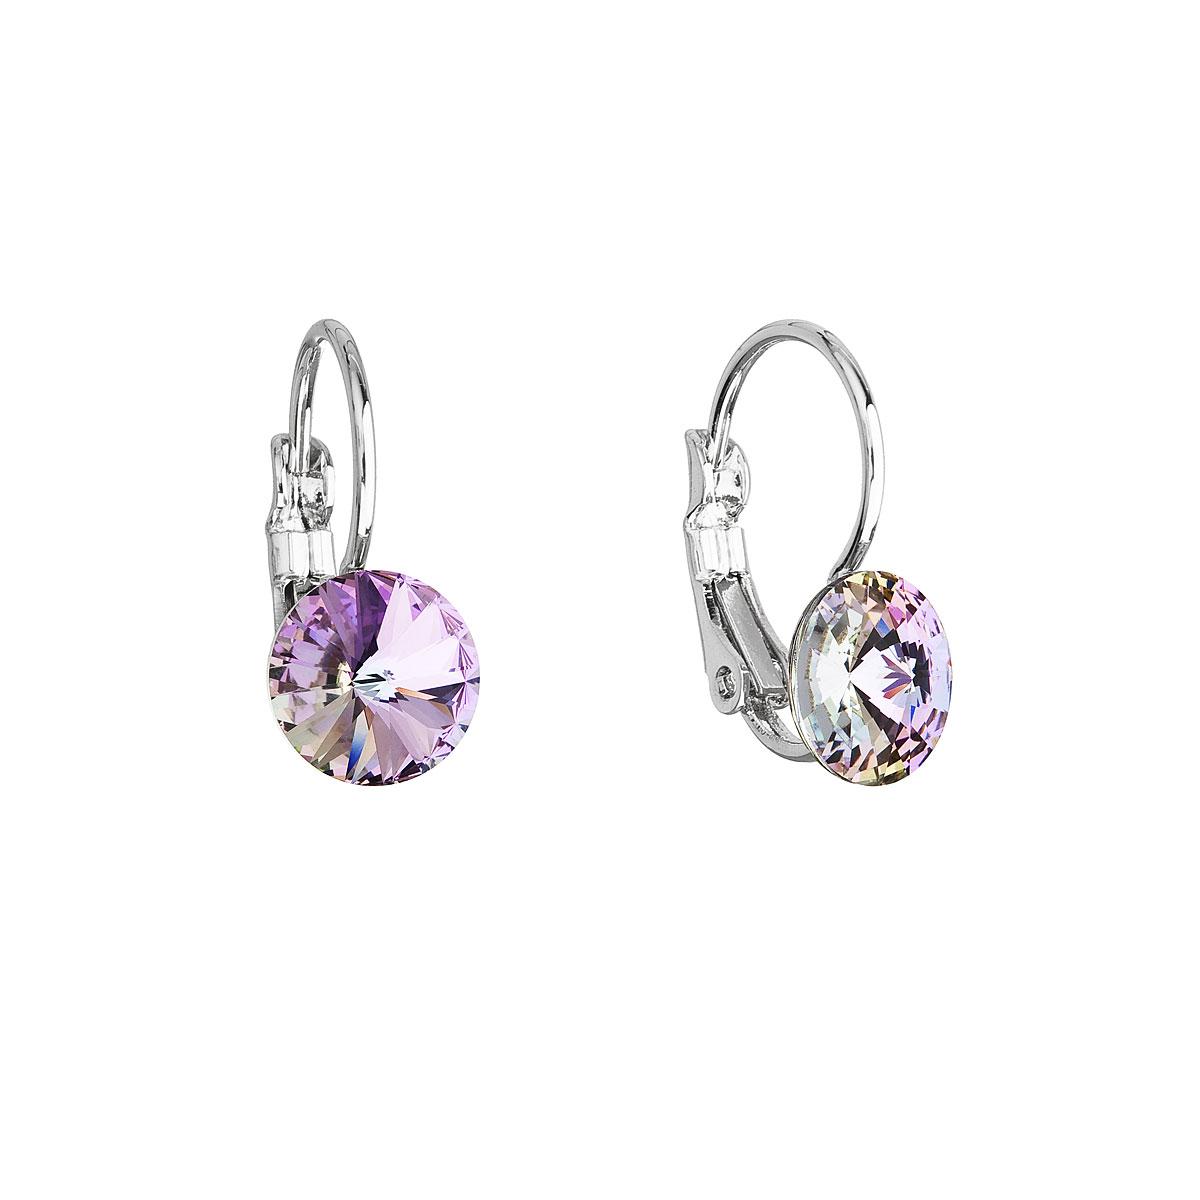 Náušnice bižuterie se Swarovski krystaly fialové kulaté 51031.5